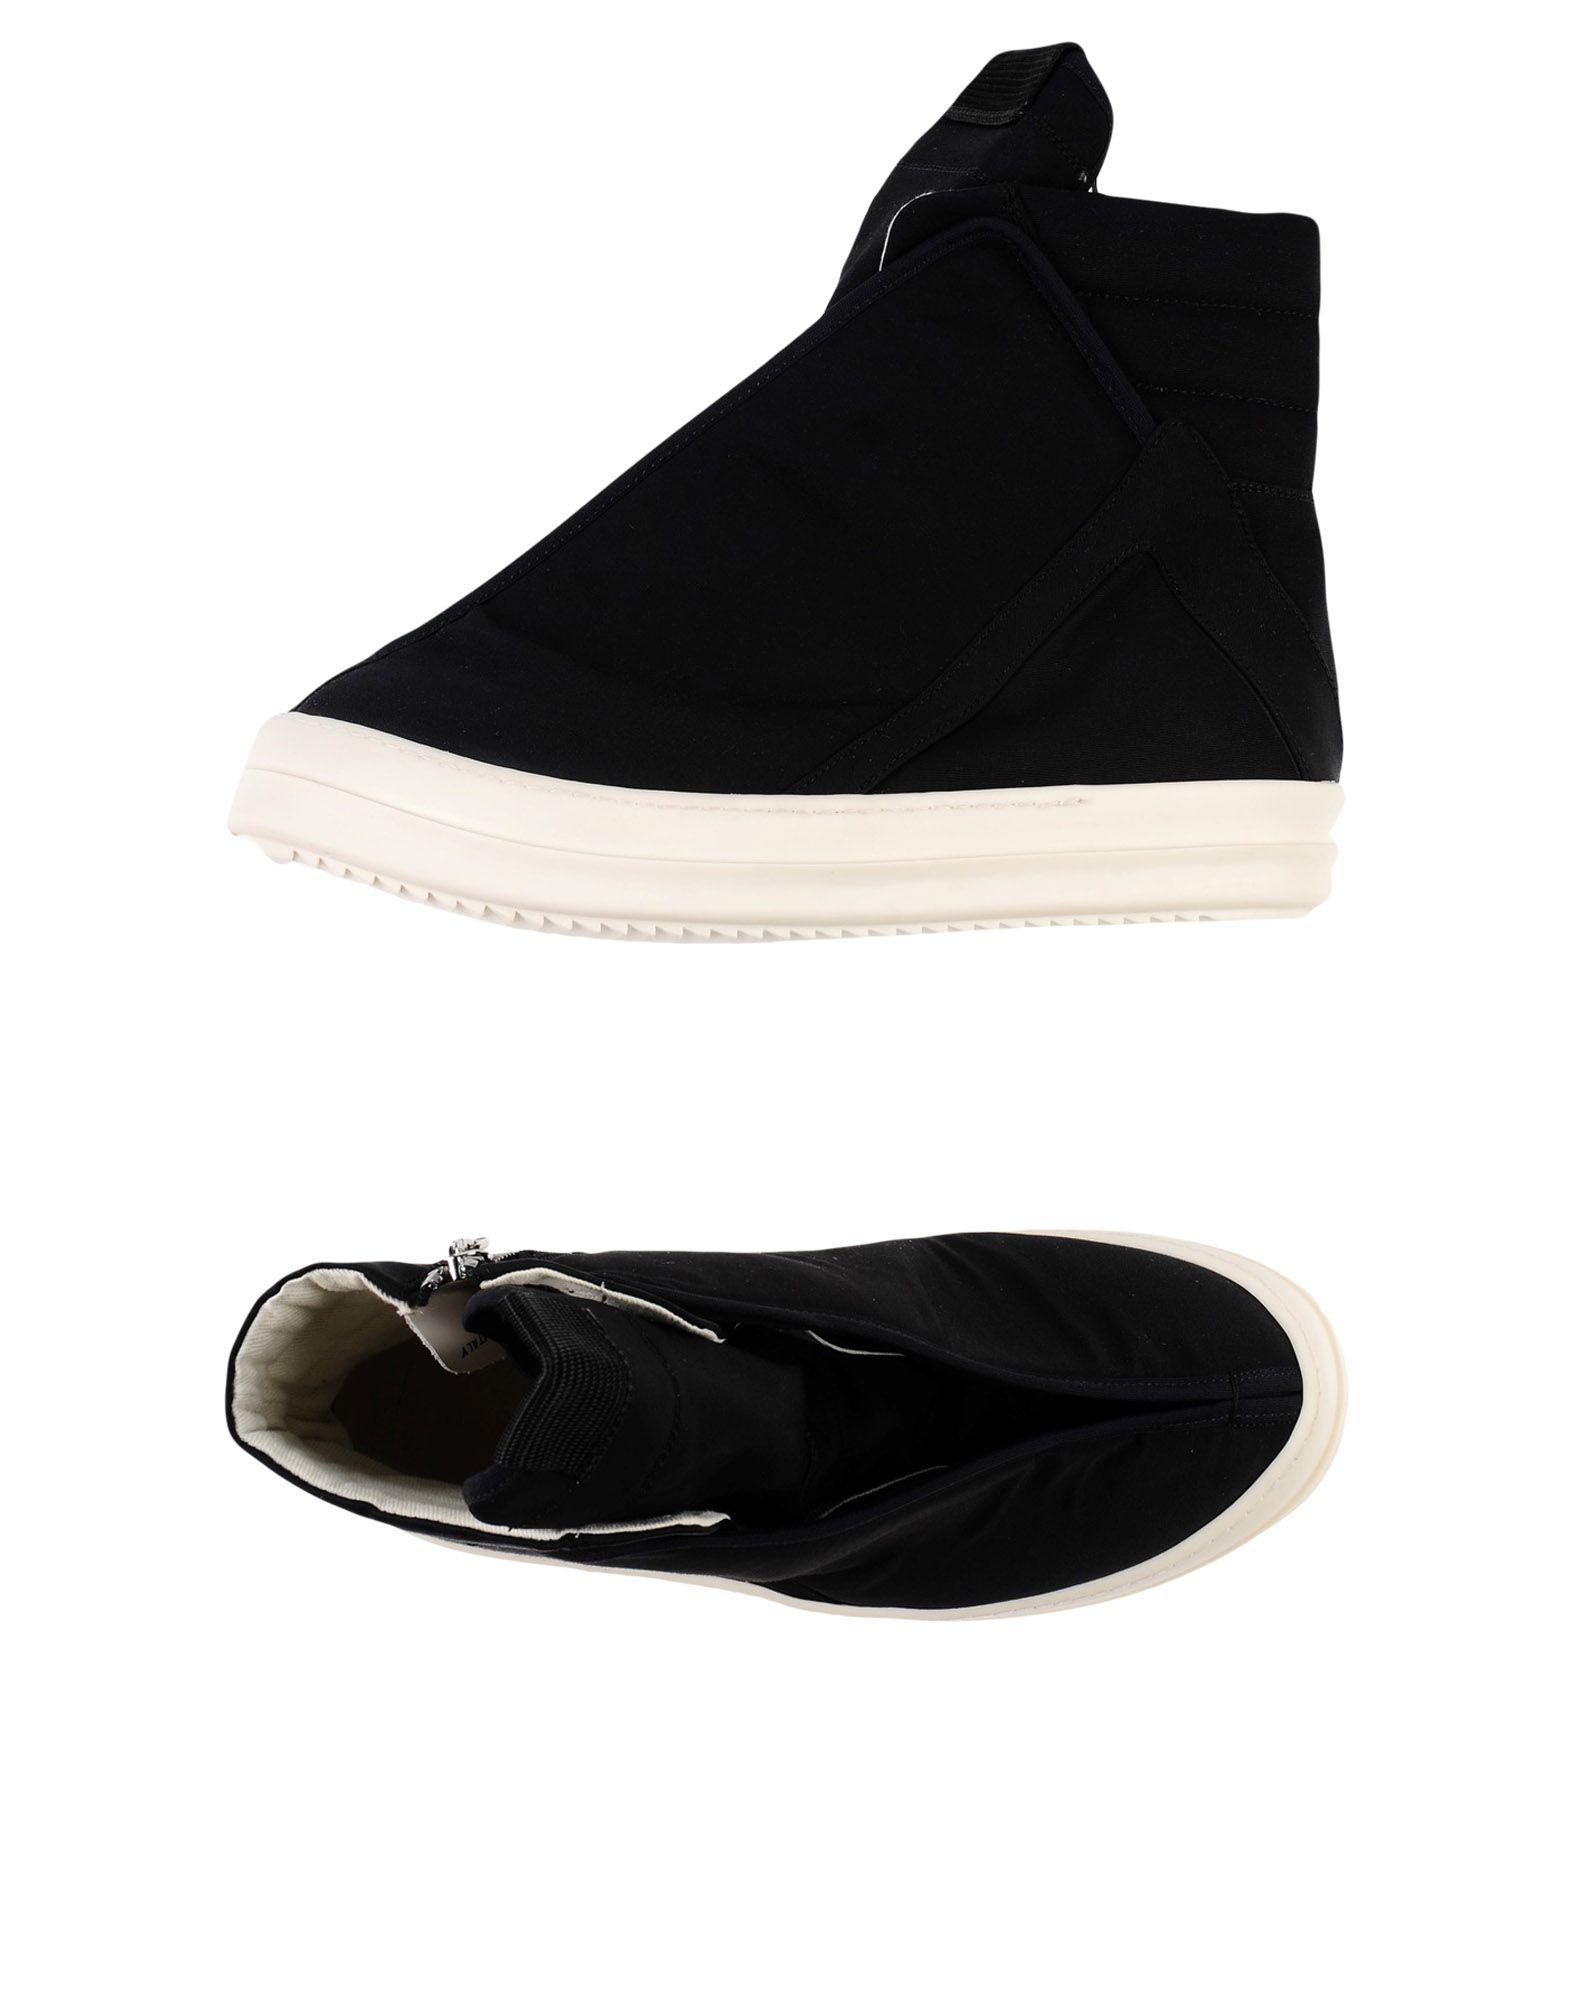 Drkshdw By Rick Owens Sneakers Herren  11396029UV Heiße Schuhe